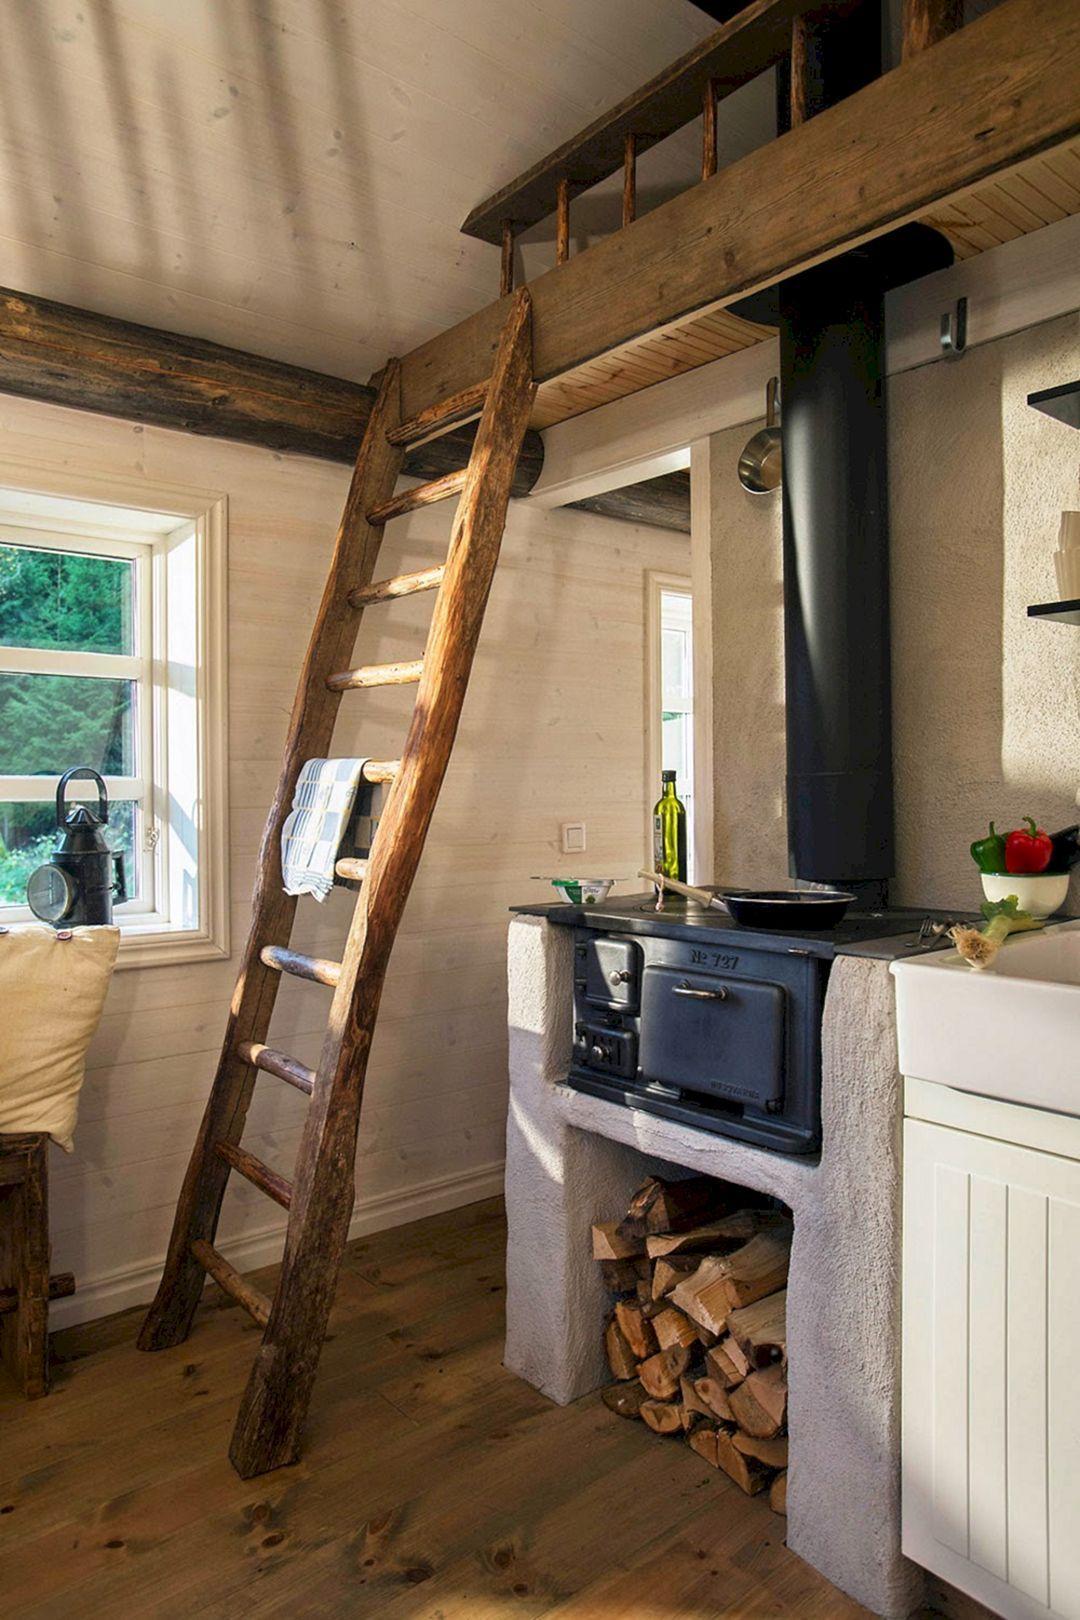 Hausdekoration Einrichten Wohnung Wohnzimmer Dekoration Wohnideen Schlafzimmer Hausdekor Tiny House Kitchen Small Cabin Designs Diy Tiny House